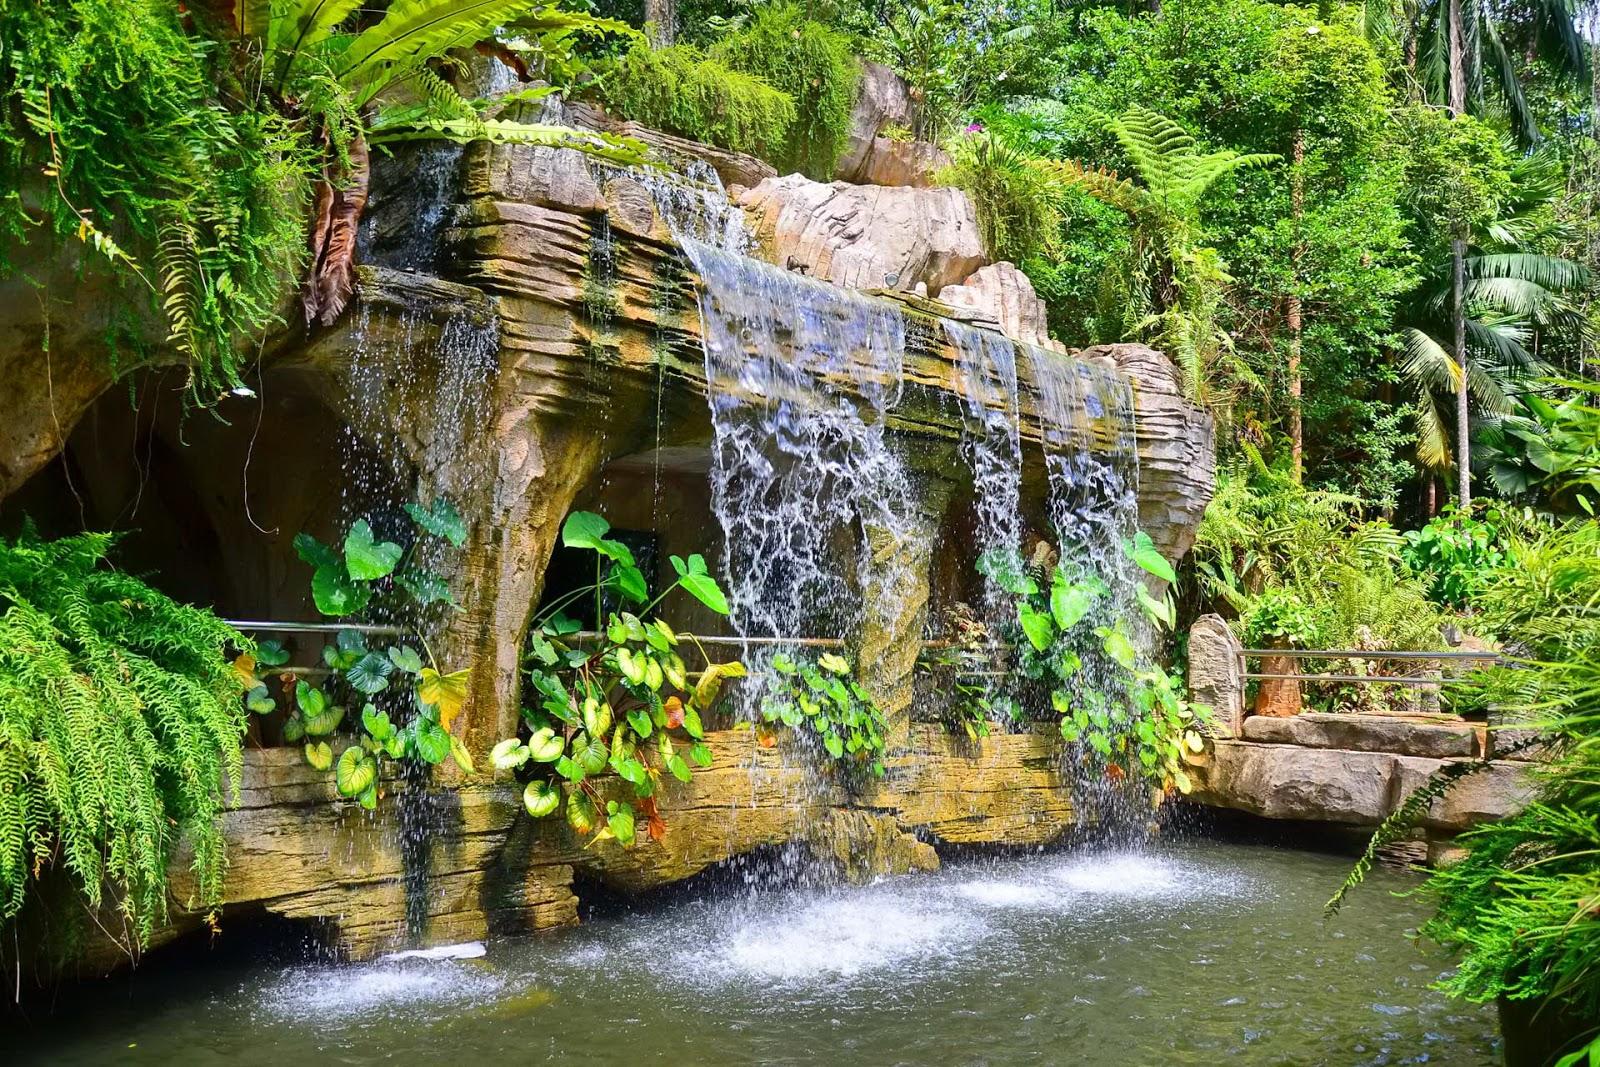 Arte y jardiner a jardin acu tico for Jardin acuatico